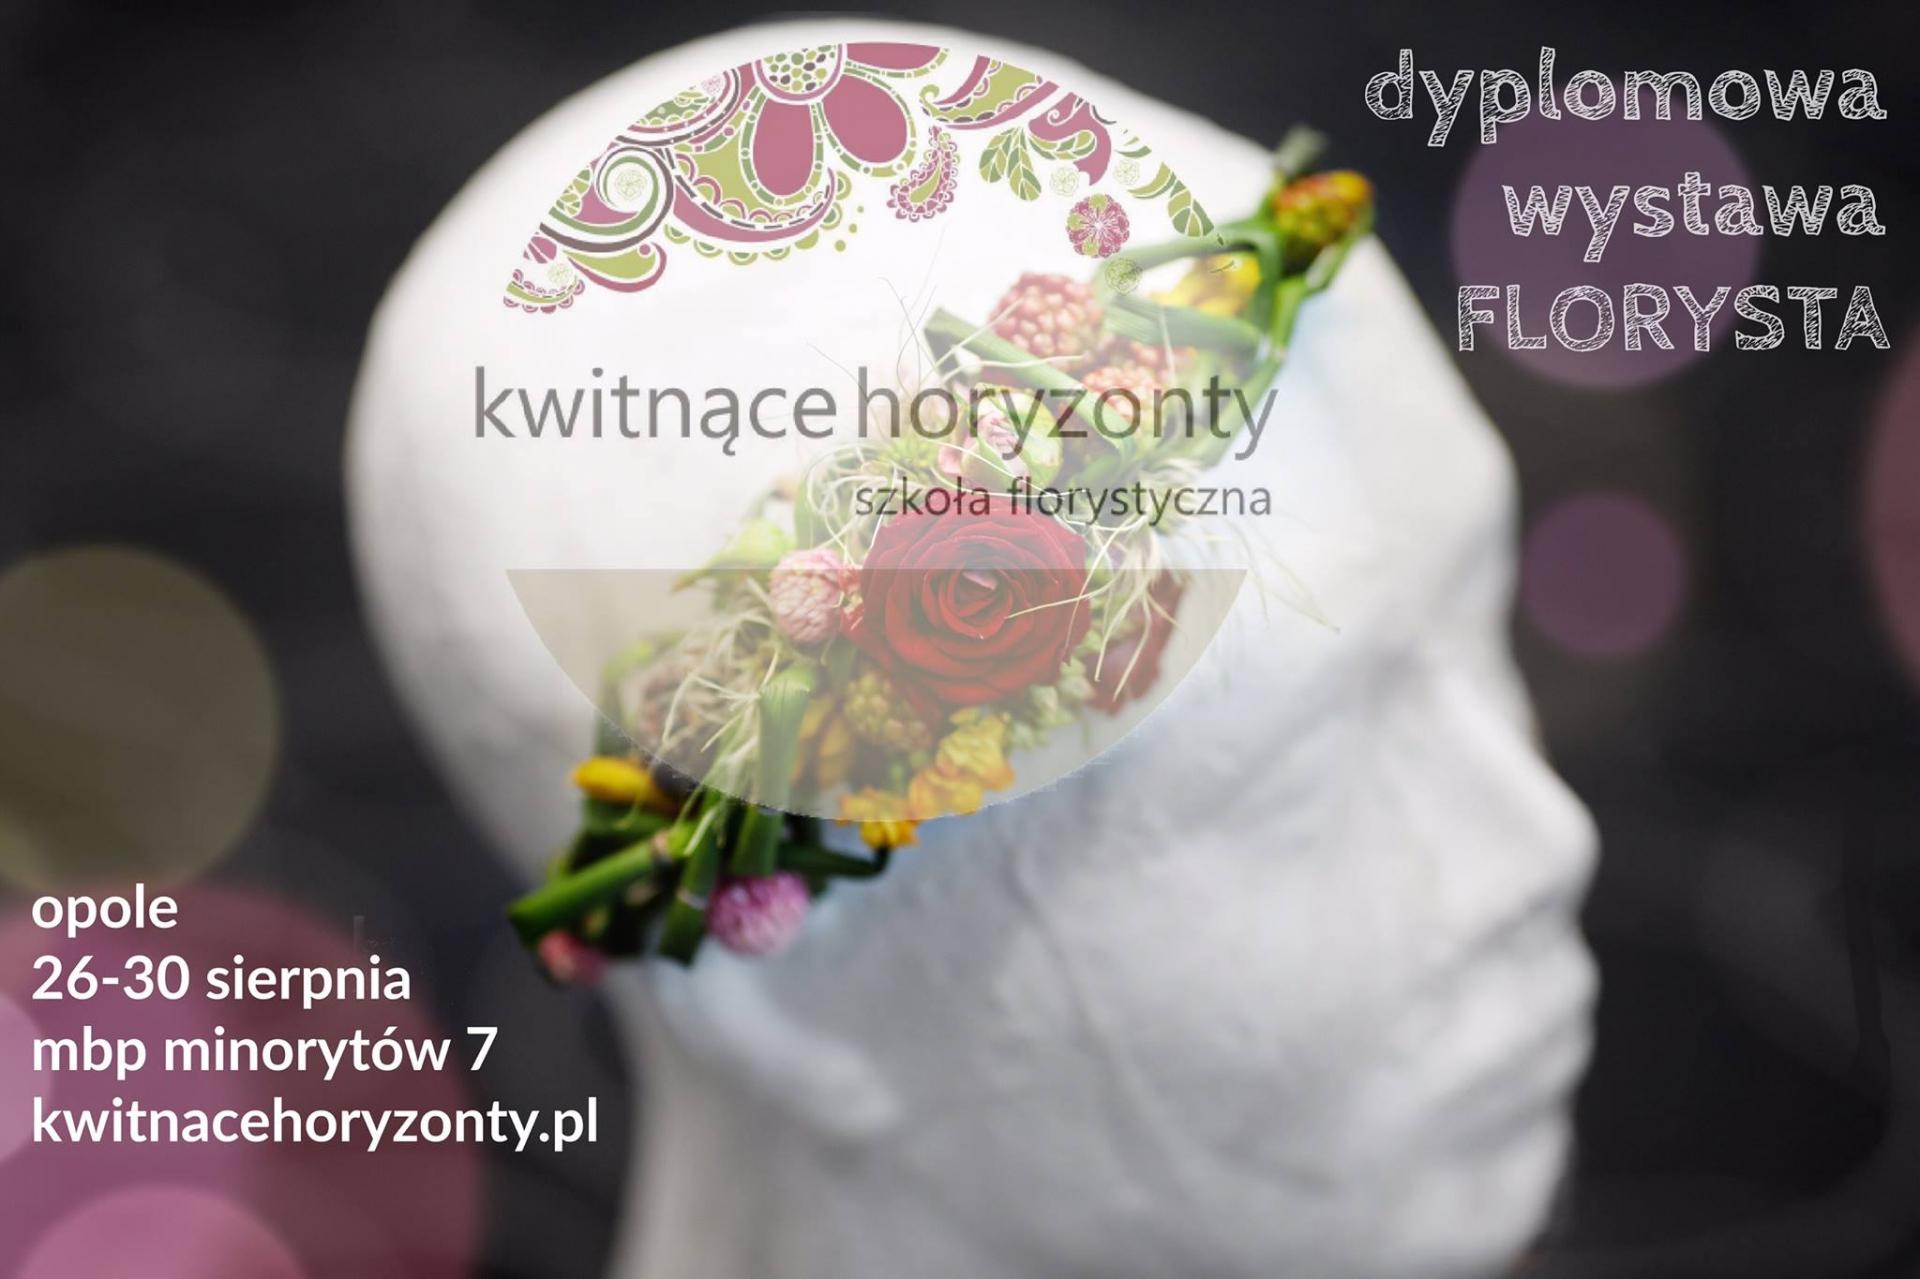 FLORYSTA – dyplomowa wystawa / Szkoła florystyczna Kwitnące Horyzonty